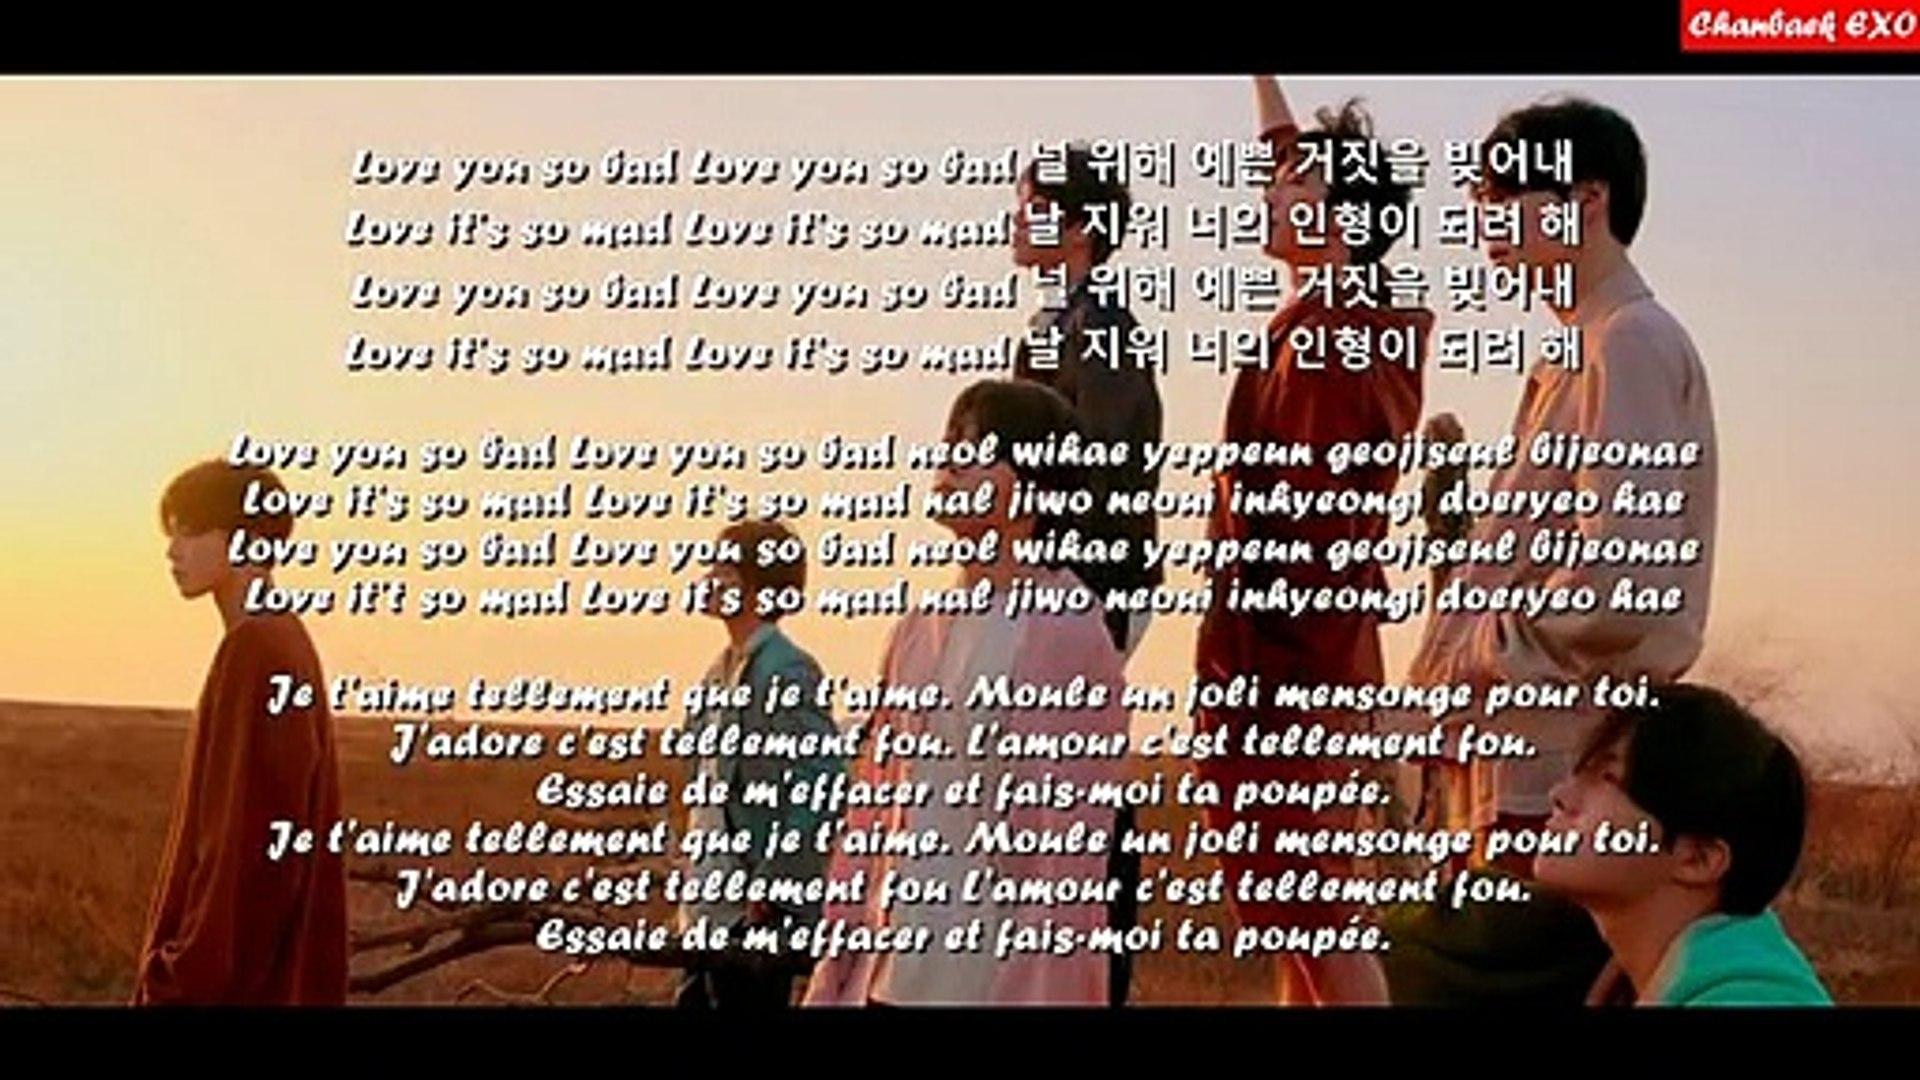 BTS - Fake Love - LYRICS - (Han-Rom-Vostfr)